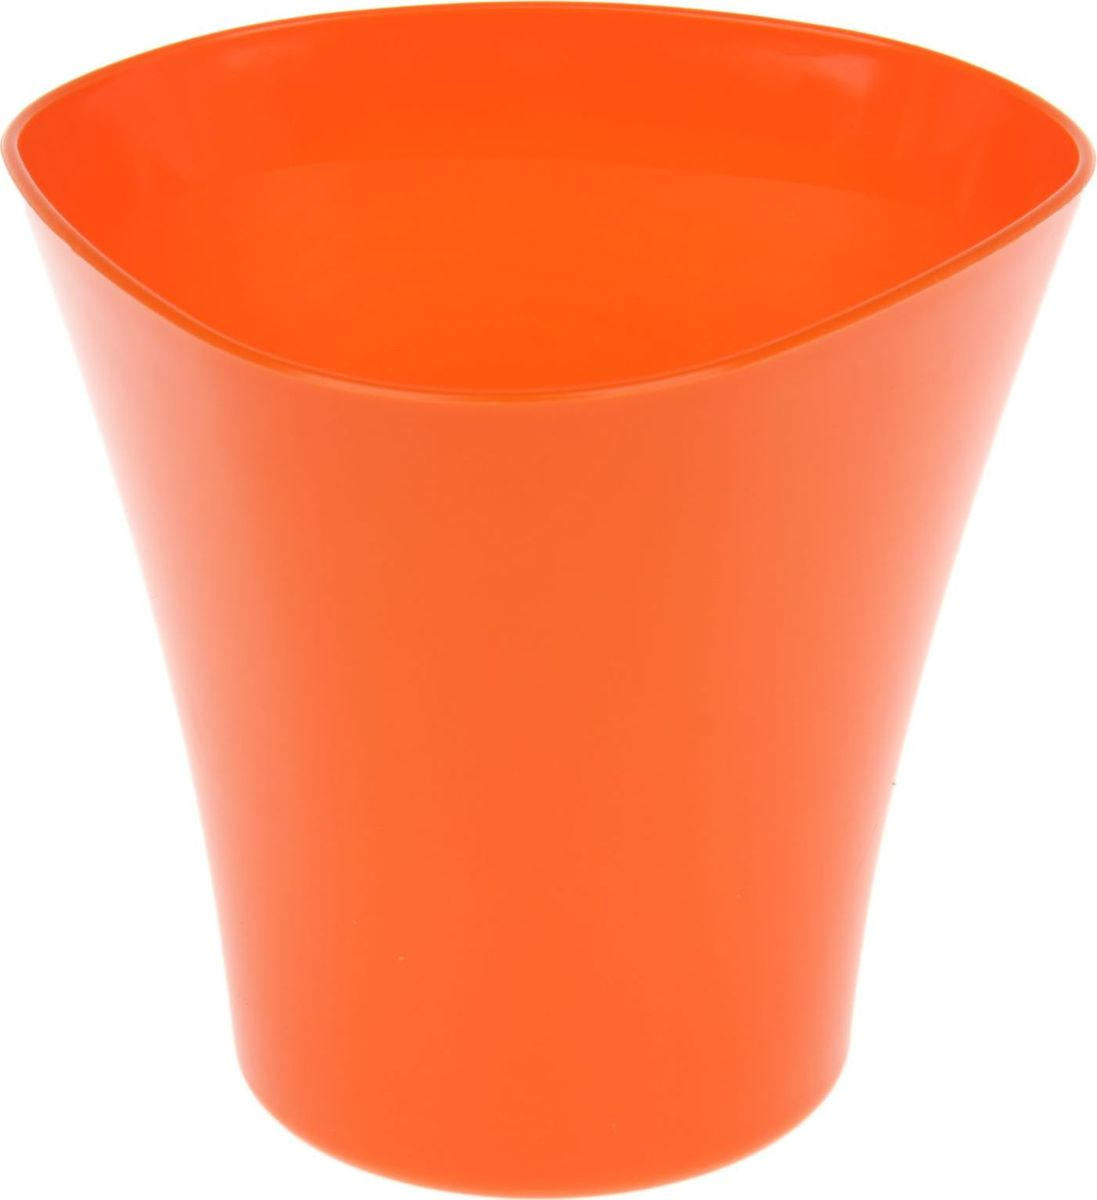 Кашпо JetPlast Волна, цвет: оранжевый, 1,5 л4607128374851Любой, даже самый современный и продуманный интерьер будет не завершённым без растений. Они не только очищают воздух и насыщают его кислородом, но и заметно украшают окружающее пространство. Такому полезному &laquo члену семьи&raquoпросто необходимо красивое и функциональное кашпо, оригинальный горшок или необычная ваза! Мы предлагаем - Кашпо 1,5 л Волна, цвет оранжевый!Оптимальный выбор материала &mdash &nbsp пластмасса! Почему мы так считаем? Малый вес. С лёгкостью переносите горшки и кашпо с места на место, ставьте их на столики или полки, подвешивайте под потолок, не беспокоясь о нагрузке. Простота ухода. Пластиковые изделия не нуждаются в специальных условиях хранения. Их&nbsp легко чистить &mdashдостаточно просто сполоснуть тёплой водой. Никаких царапин. Пластиковые кашпо не царапают и не загрязняют поверхности, на которых стоят. Пластик дольше хранит влагу, а значит &mdashрастение реже нуждается в поливе. Пластмасса не пропускает воздух &mdashкорневой системе растения не грозят резкие перепады температур. Огромный выбор форм, декора и расцветок &mdashвы без труда подберёте что-то, что идеально впишется в уже существующий интерьер.Соблюдая нехитрые правила ухода, вы можете заметно продлить срок службы горшков, вазонов и кашпо из пластика: всегда учитывайте размер кроны и корневой системы растения (при разрастании большое растение способно повредить маленький горшок)берегите изделие от воздействия прямых солнечных лучей, чтобы кашпо и горшки не выцветалидержите кашпо и горшки из пластика подальше от нагревающихся поверхностей.Создавайте прекрасные цветочные композиции, выращивайте рассаду или необычные растения, а низкие цены позволят вам не ограничивать себя в выборе.